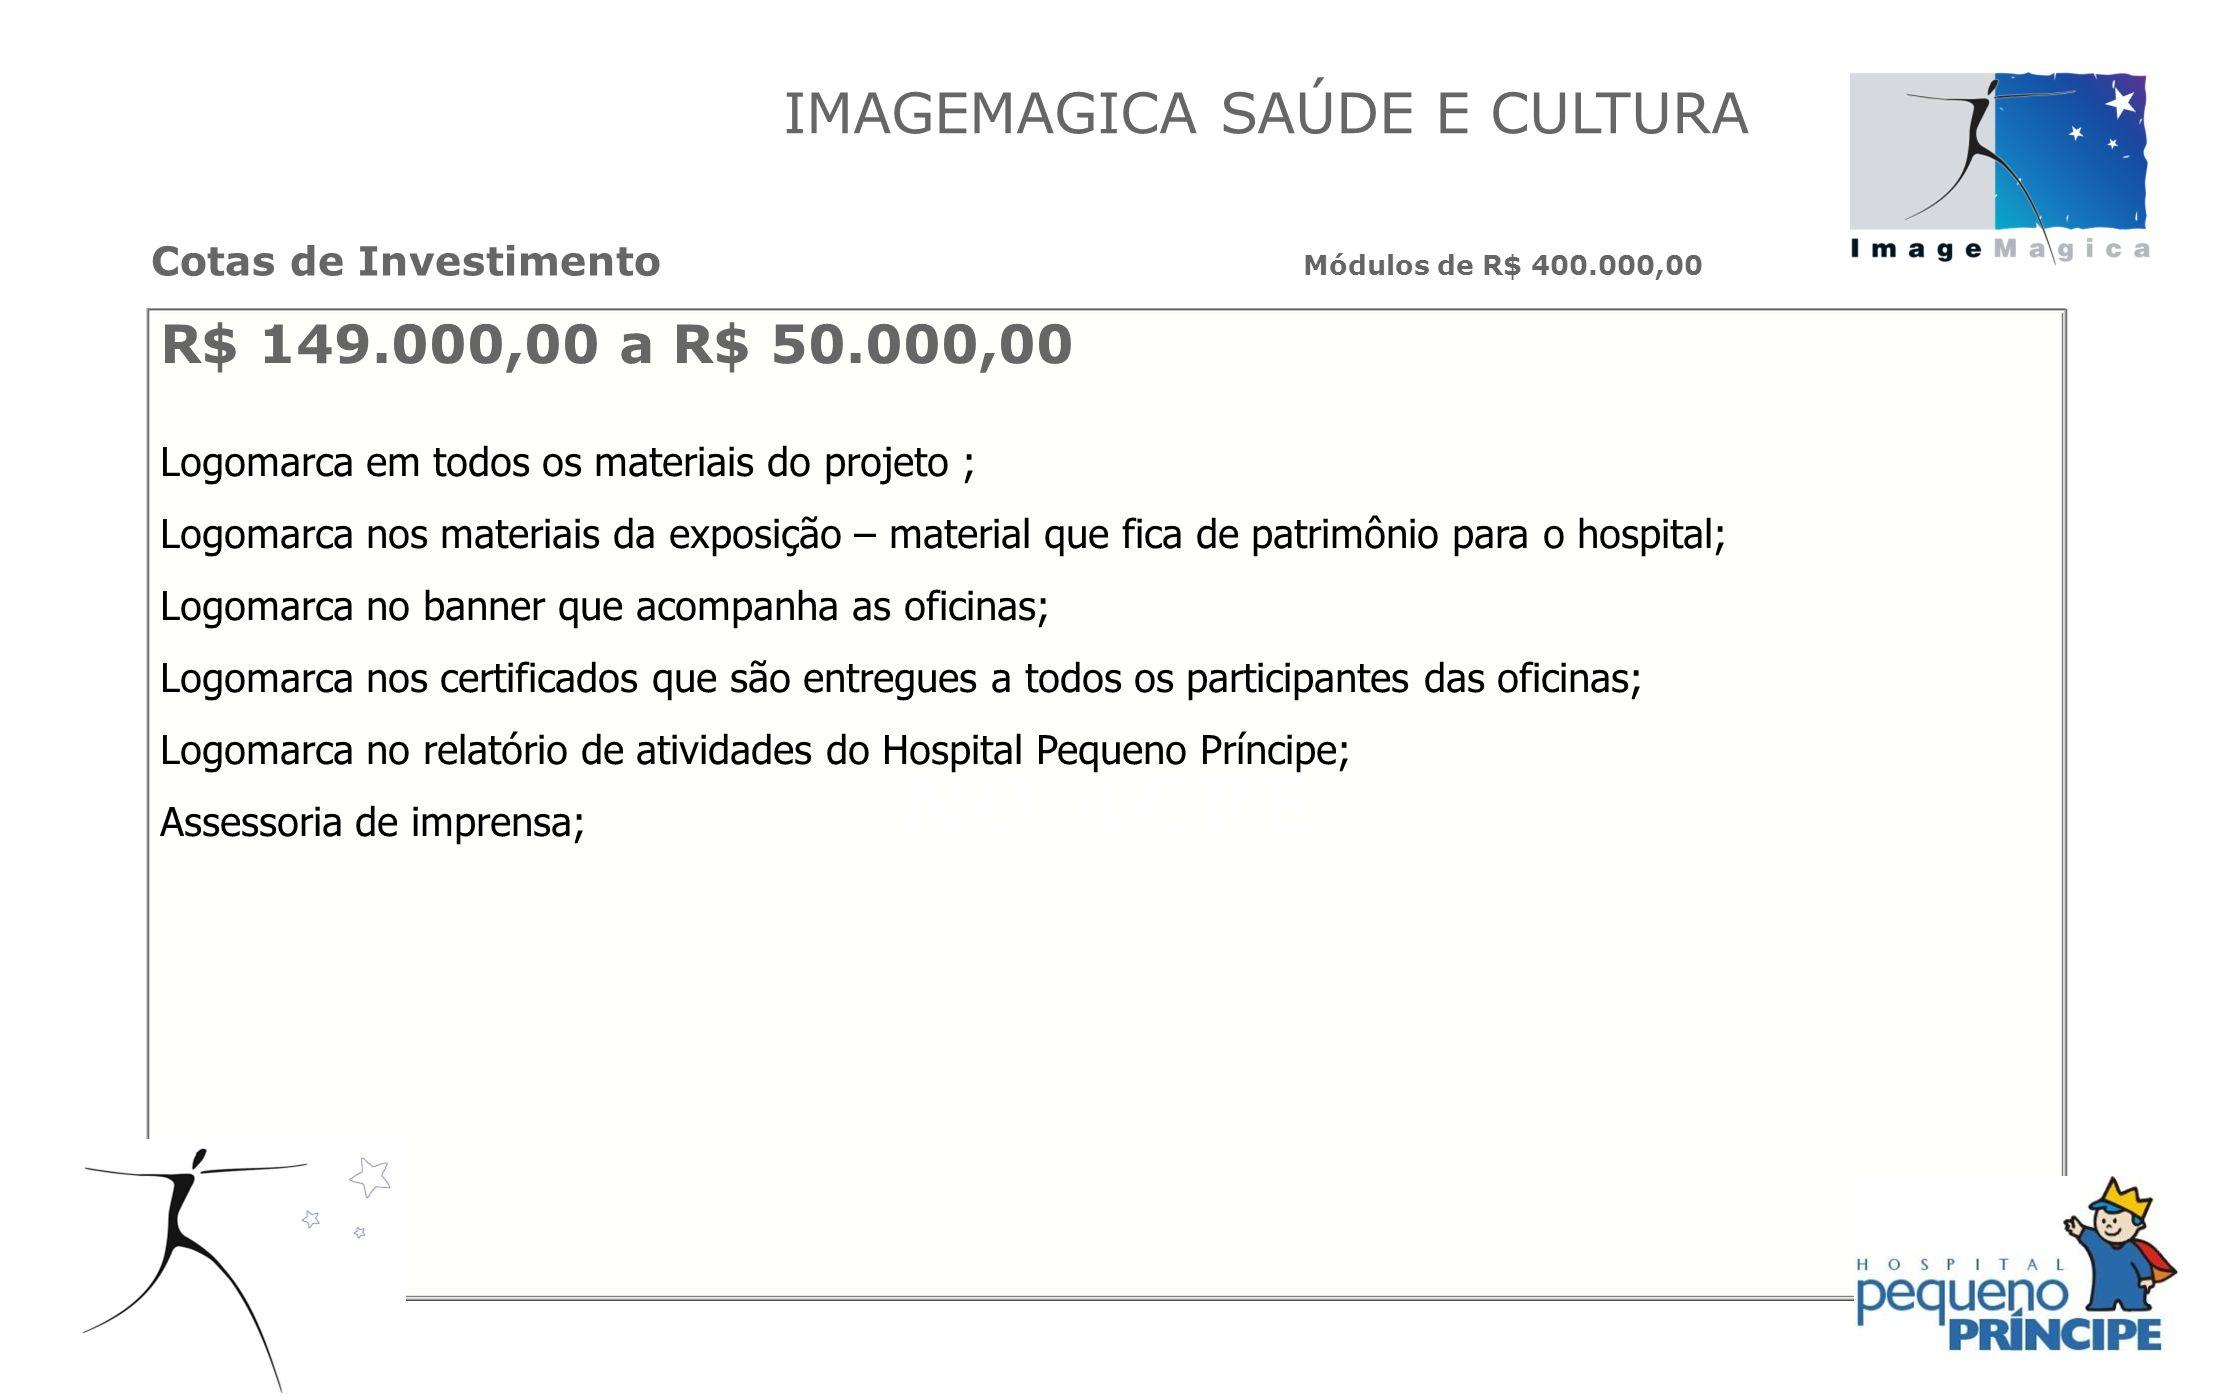 R$ 149.000,00 a R$ 50.000,00 Logomarca em todos os materiais do projeto ; Logomarca nos materiais da exposição – material que fica de patrimônio para